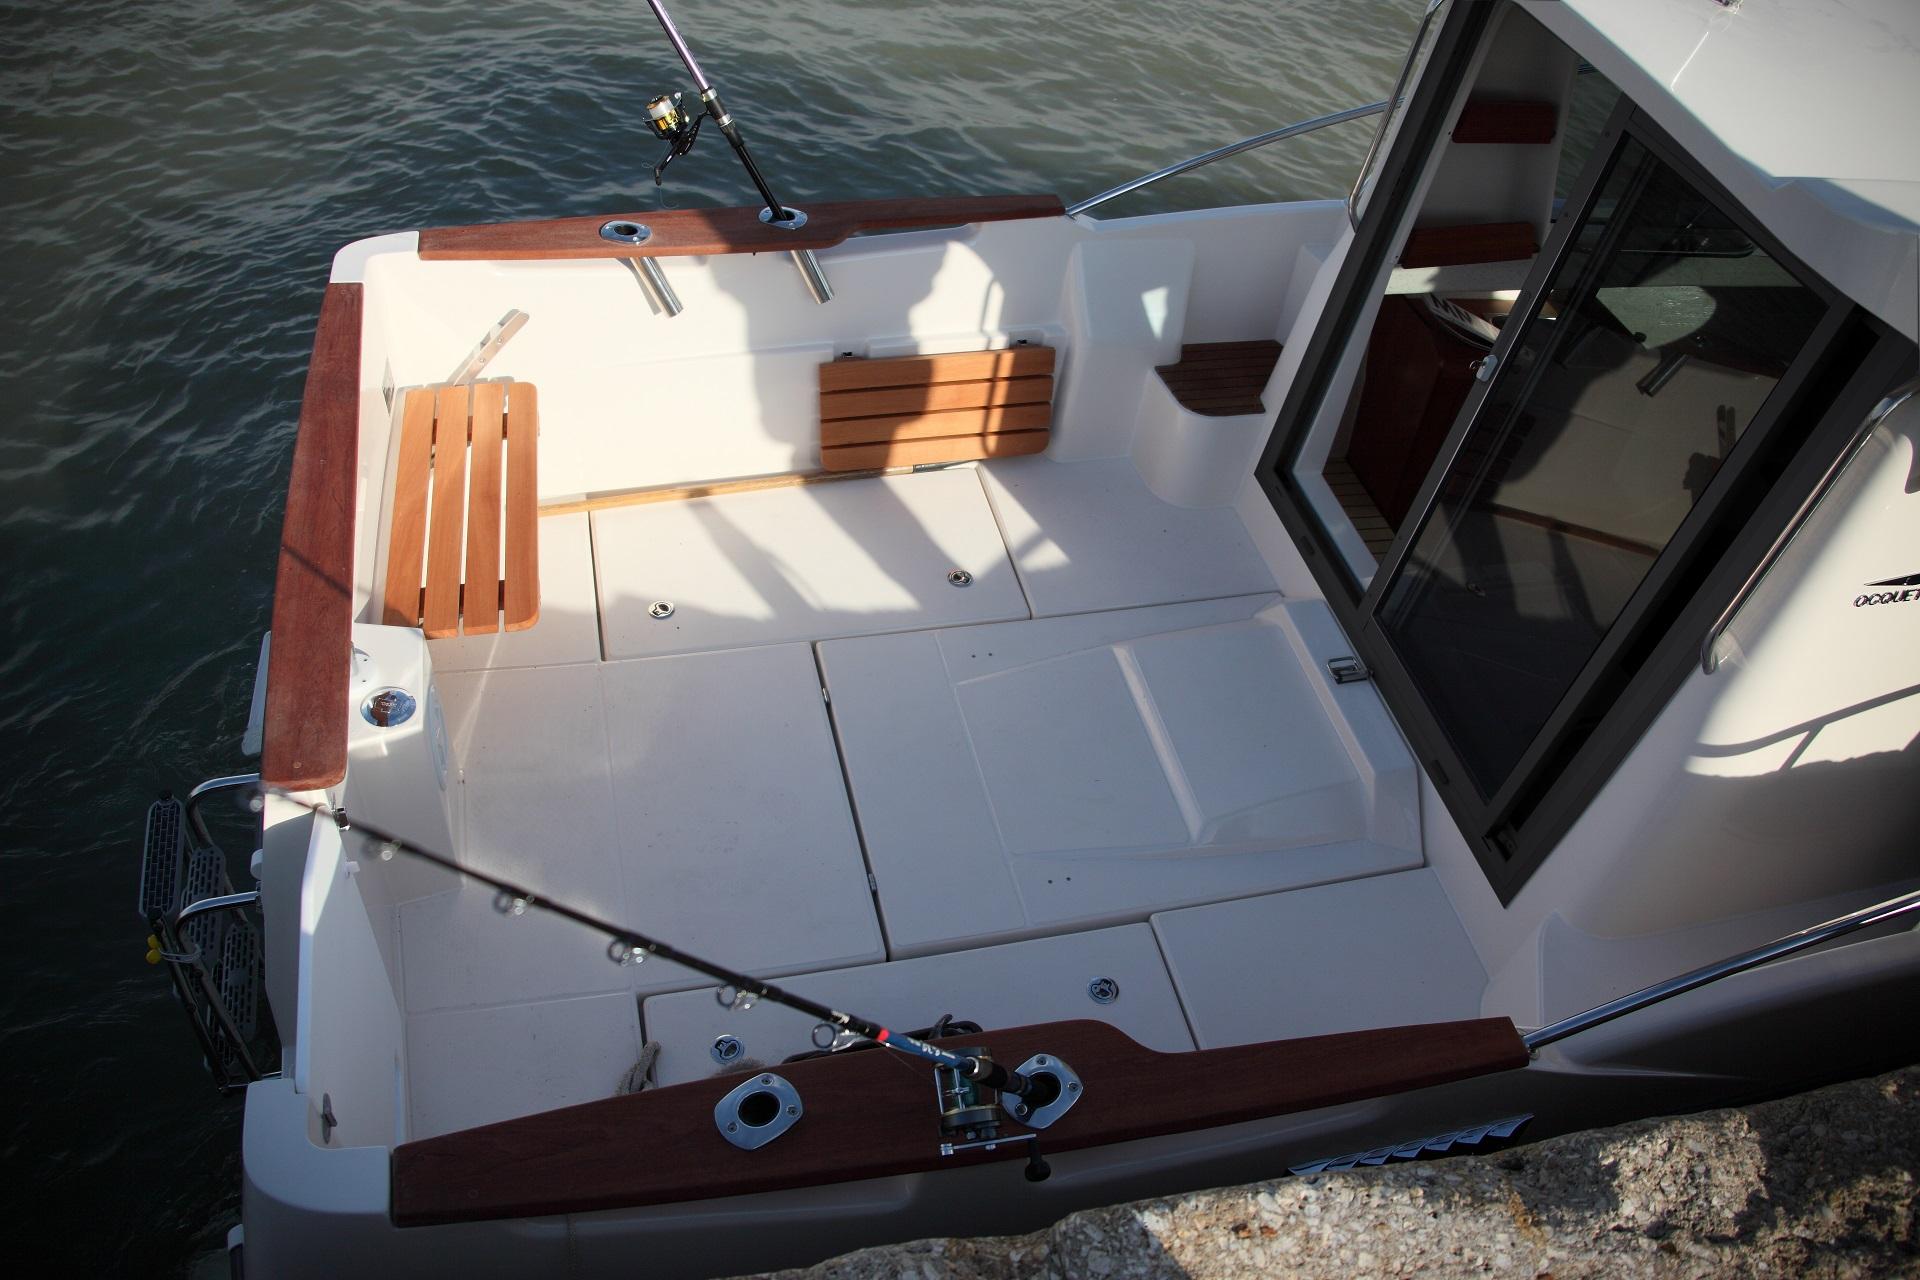 bateau  u00e0 moteur ocqueteau timonier 625 inboard - notre gamme